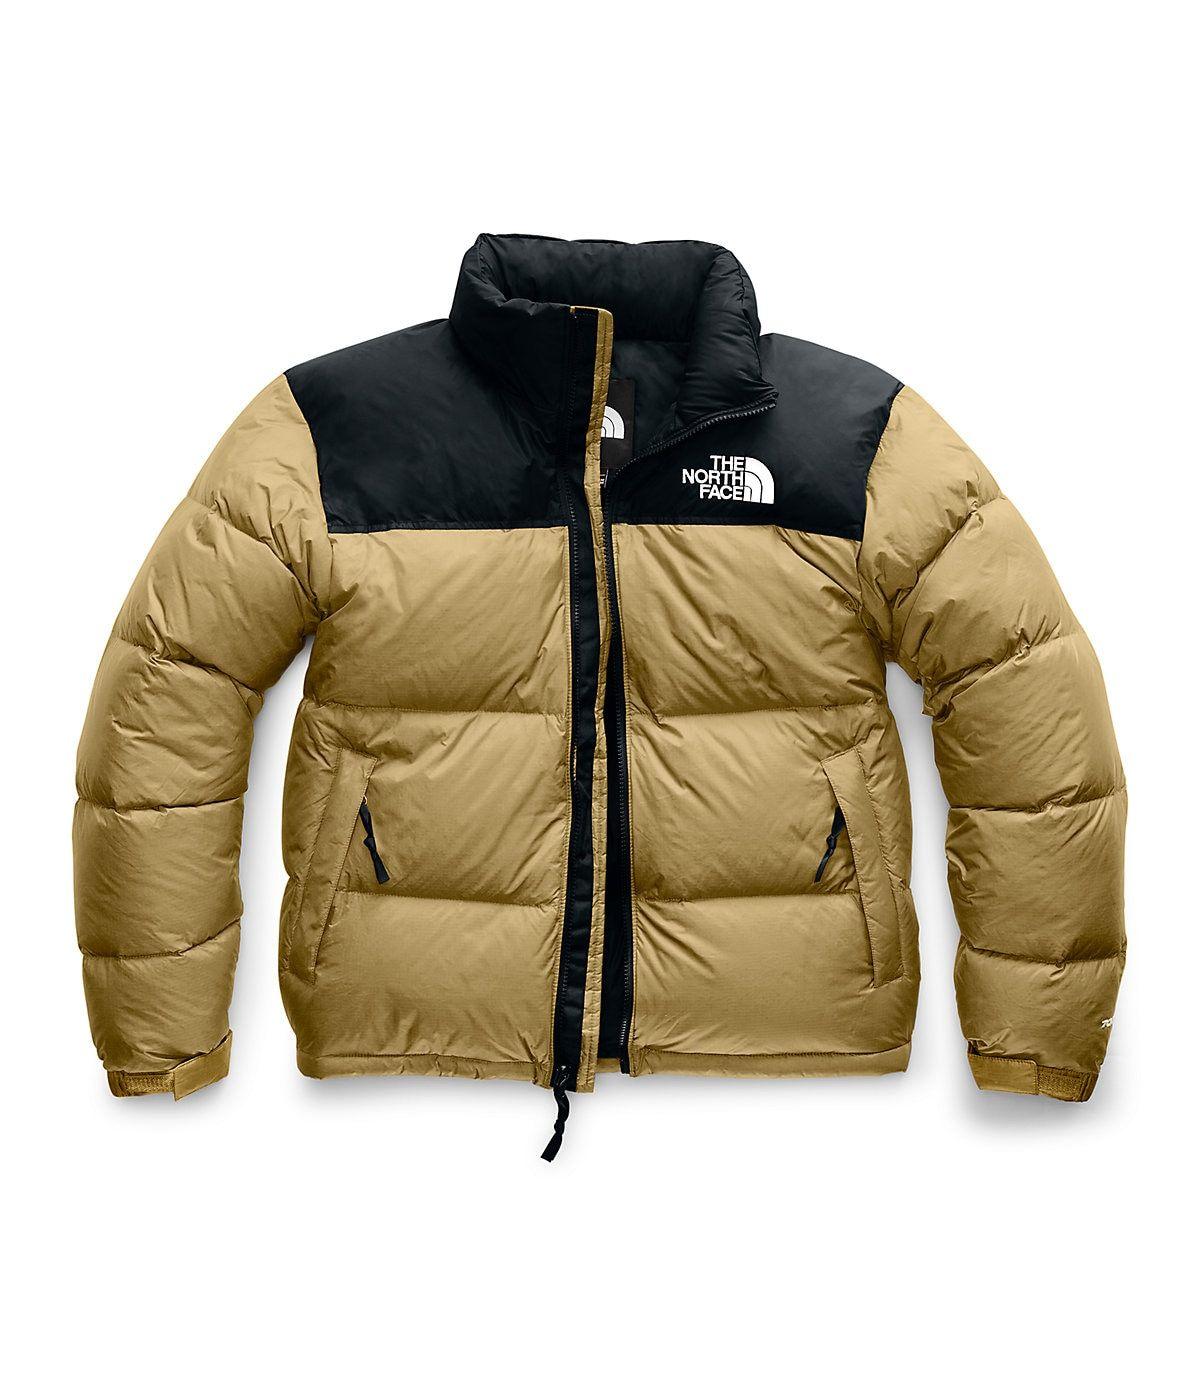 Men S 1996 Retro Nuptse Jacket Sale The North Face 1996 Retro Nuptse Jacket Retro Nuptse Jacket The North Face 1996 Retro Nuptse [ 1396 x 1200 Pixel ]